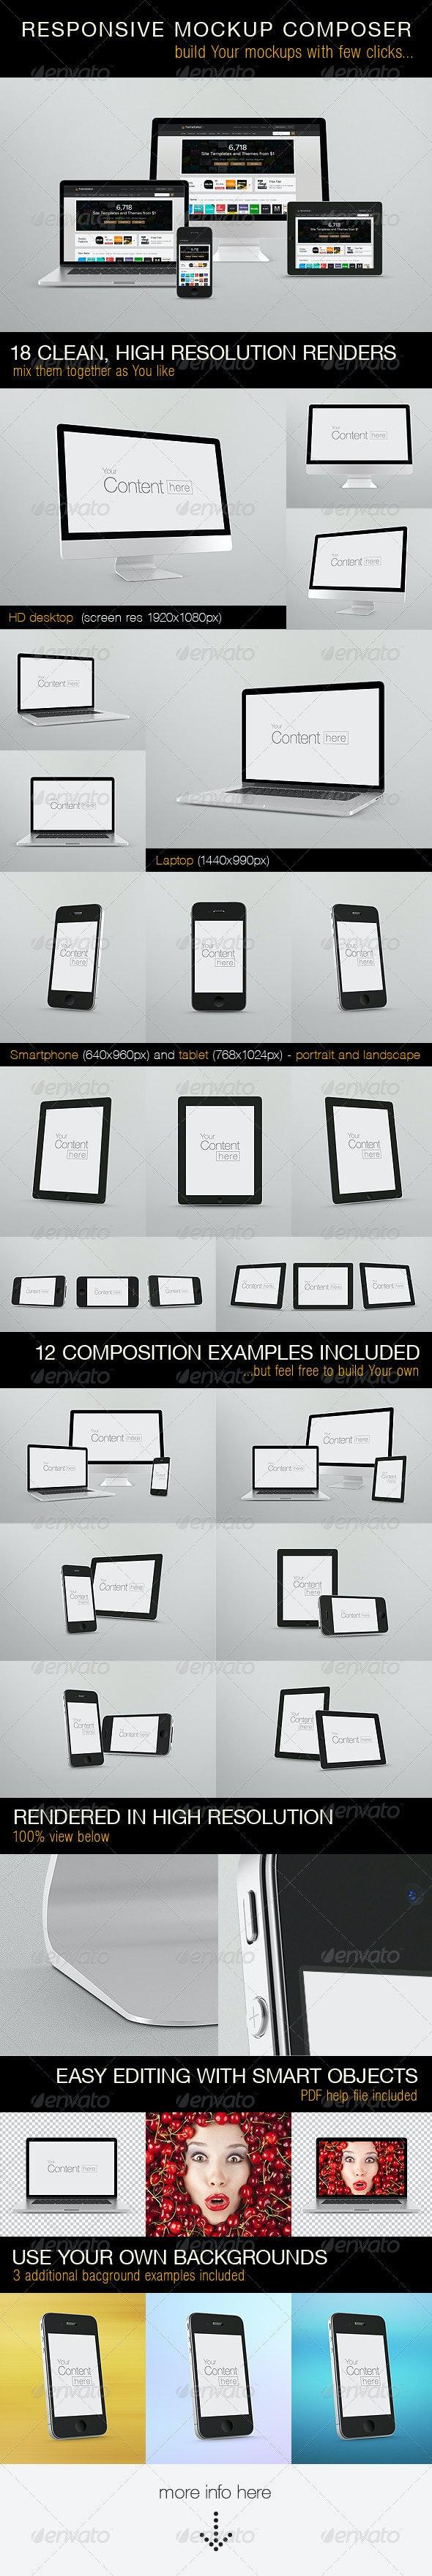 Responsive Mockups Composer - Multiple Displays